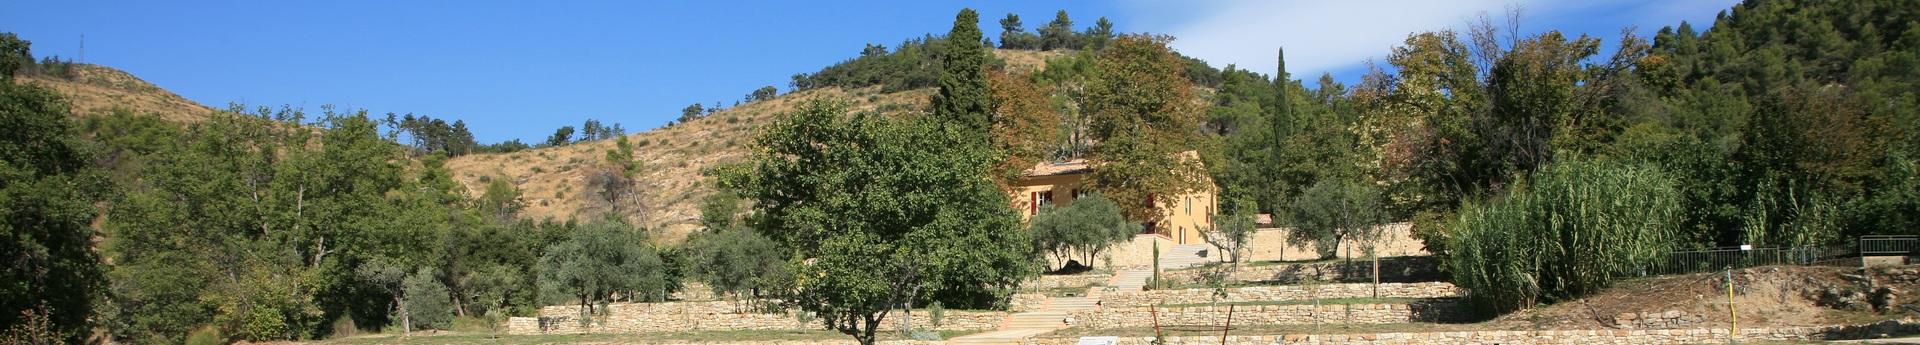 La Maison de la Biodiversité à Manosque - photo PNRL Nathalie Teil